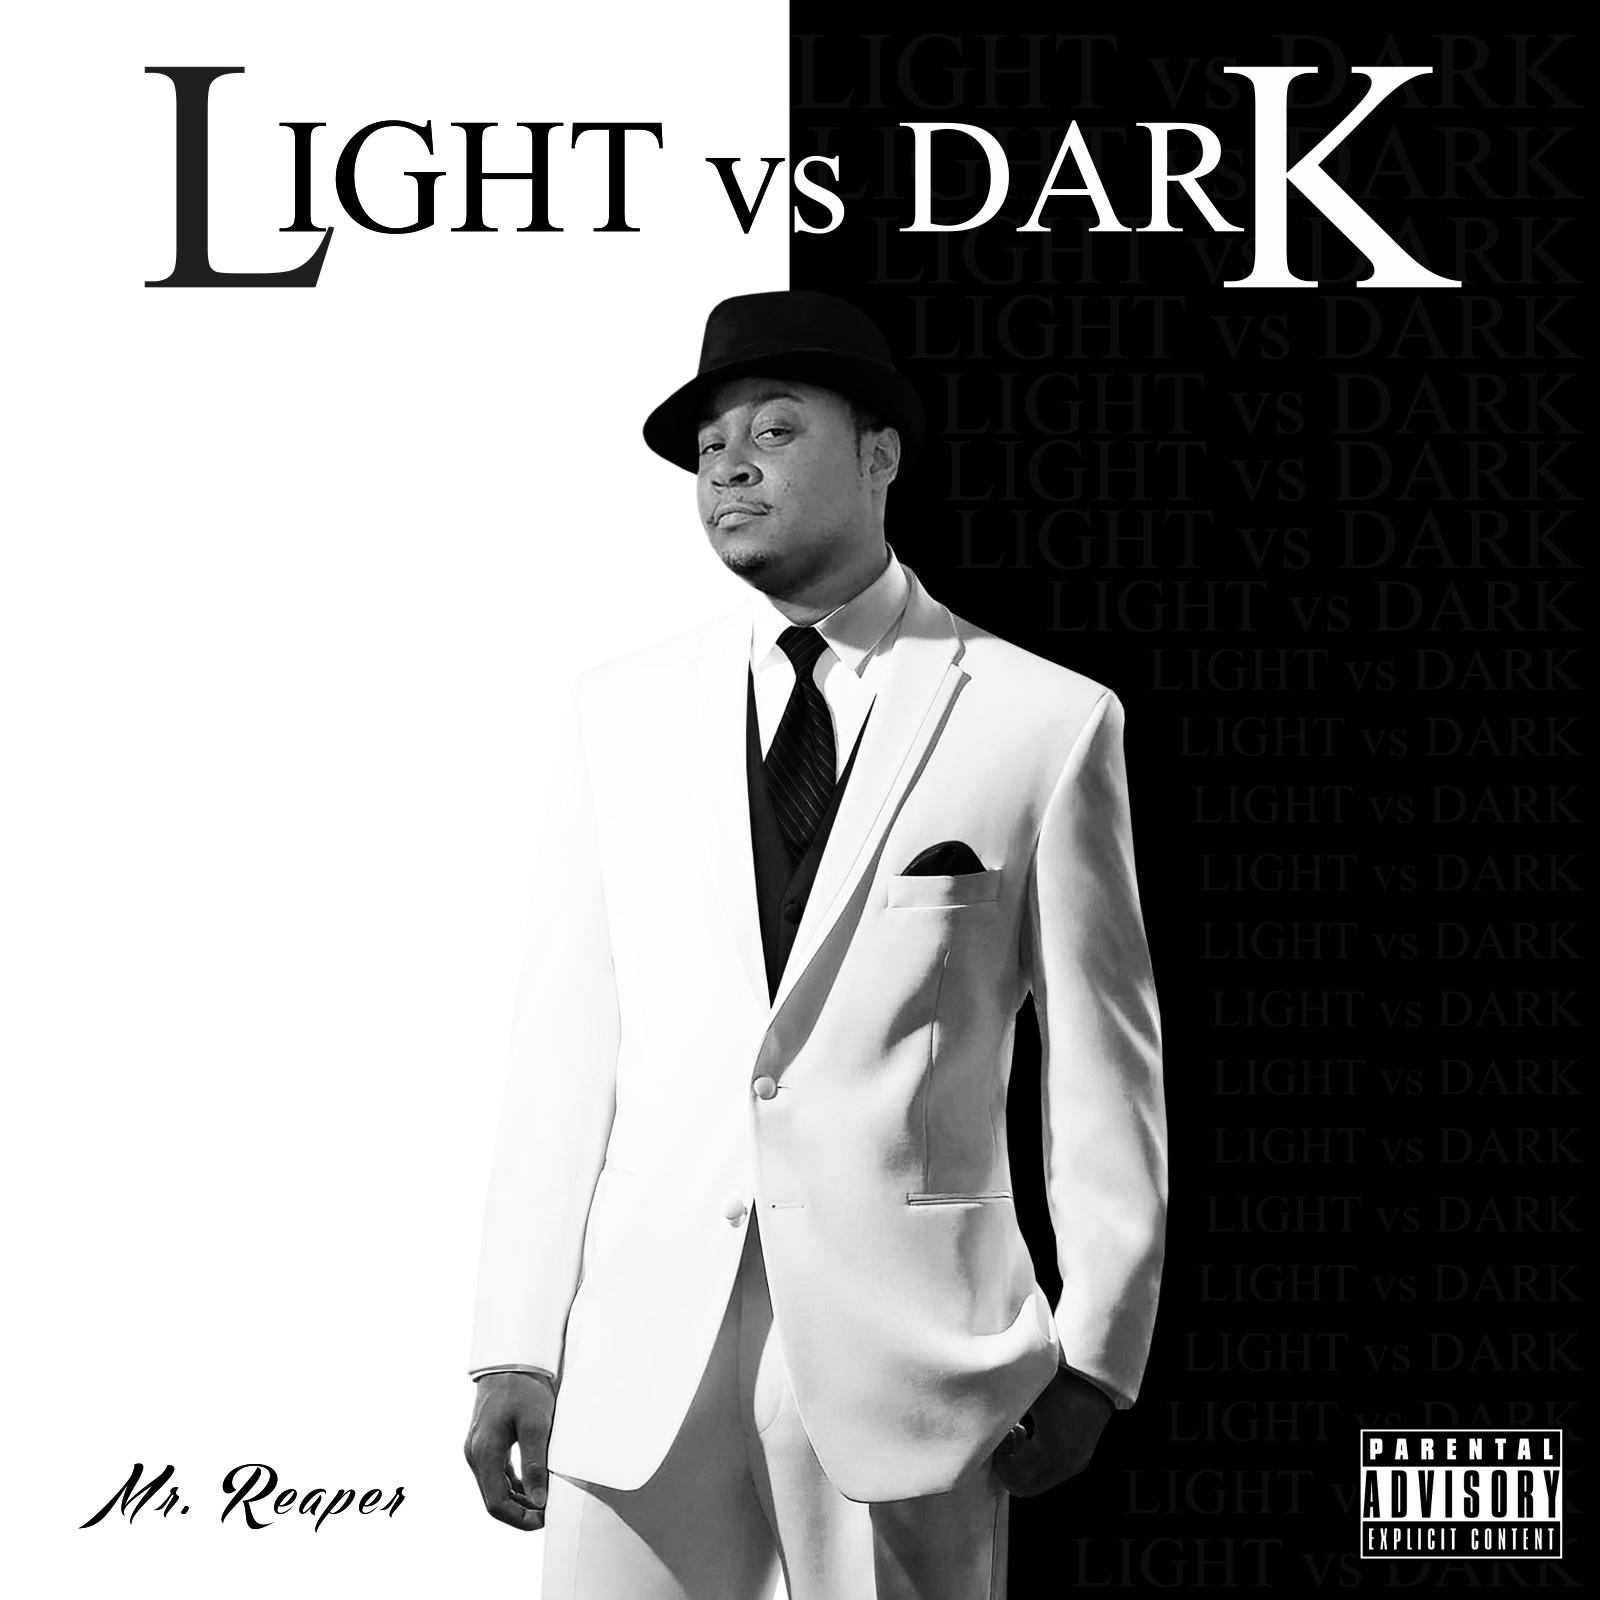 LightvsDarkAlbum